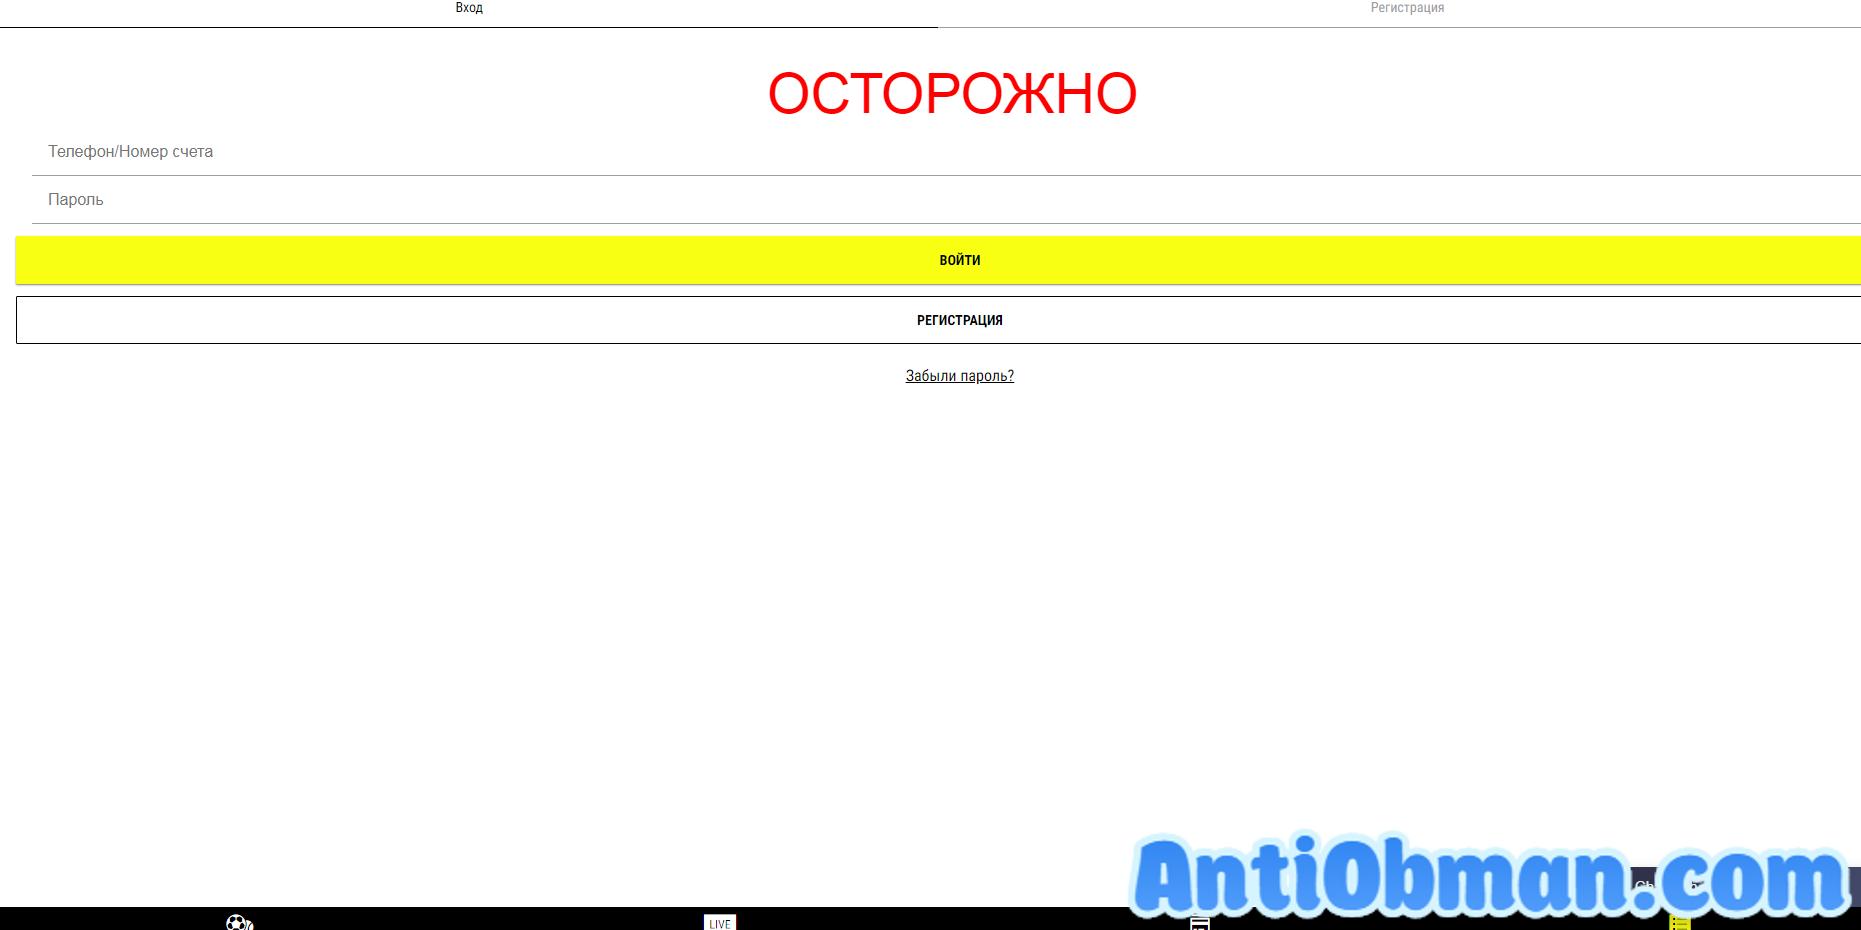 Проверка букмекерской конторы paymobet.com и отзывы